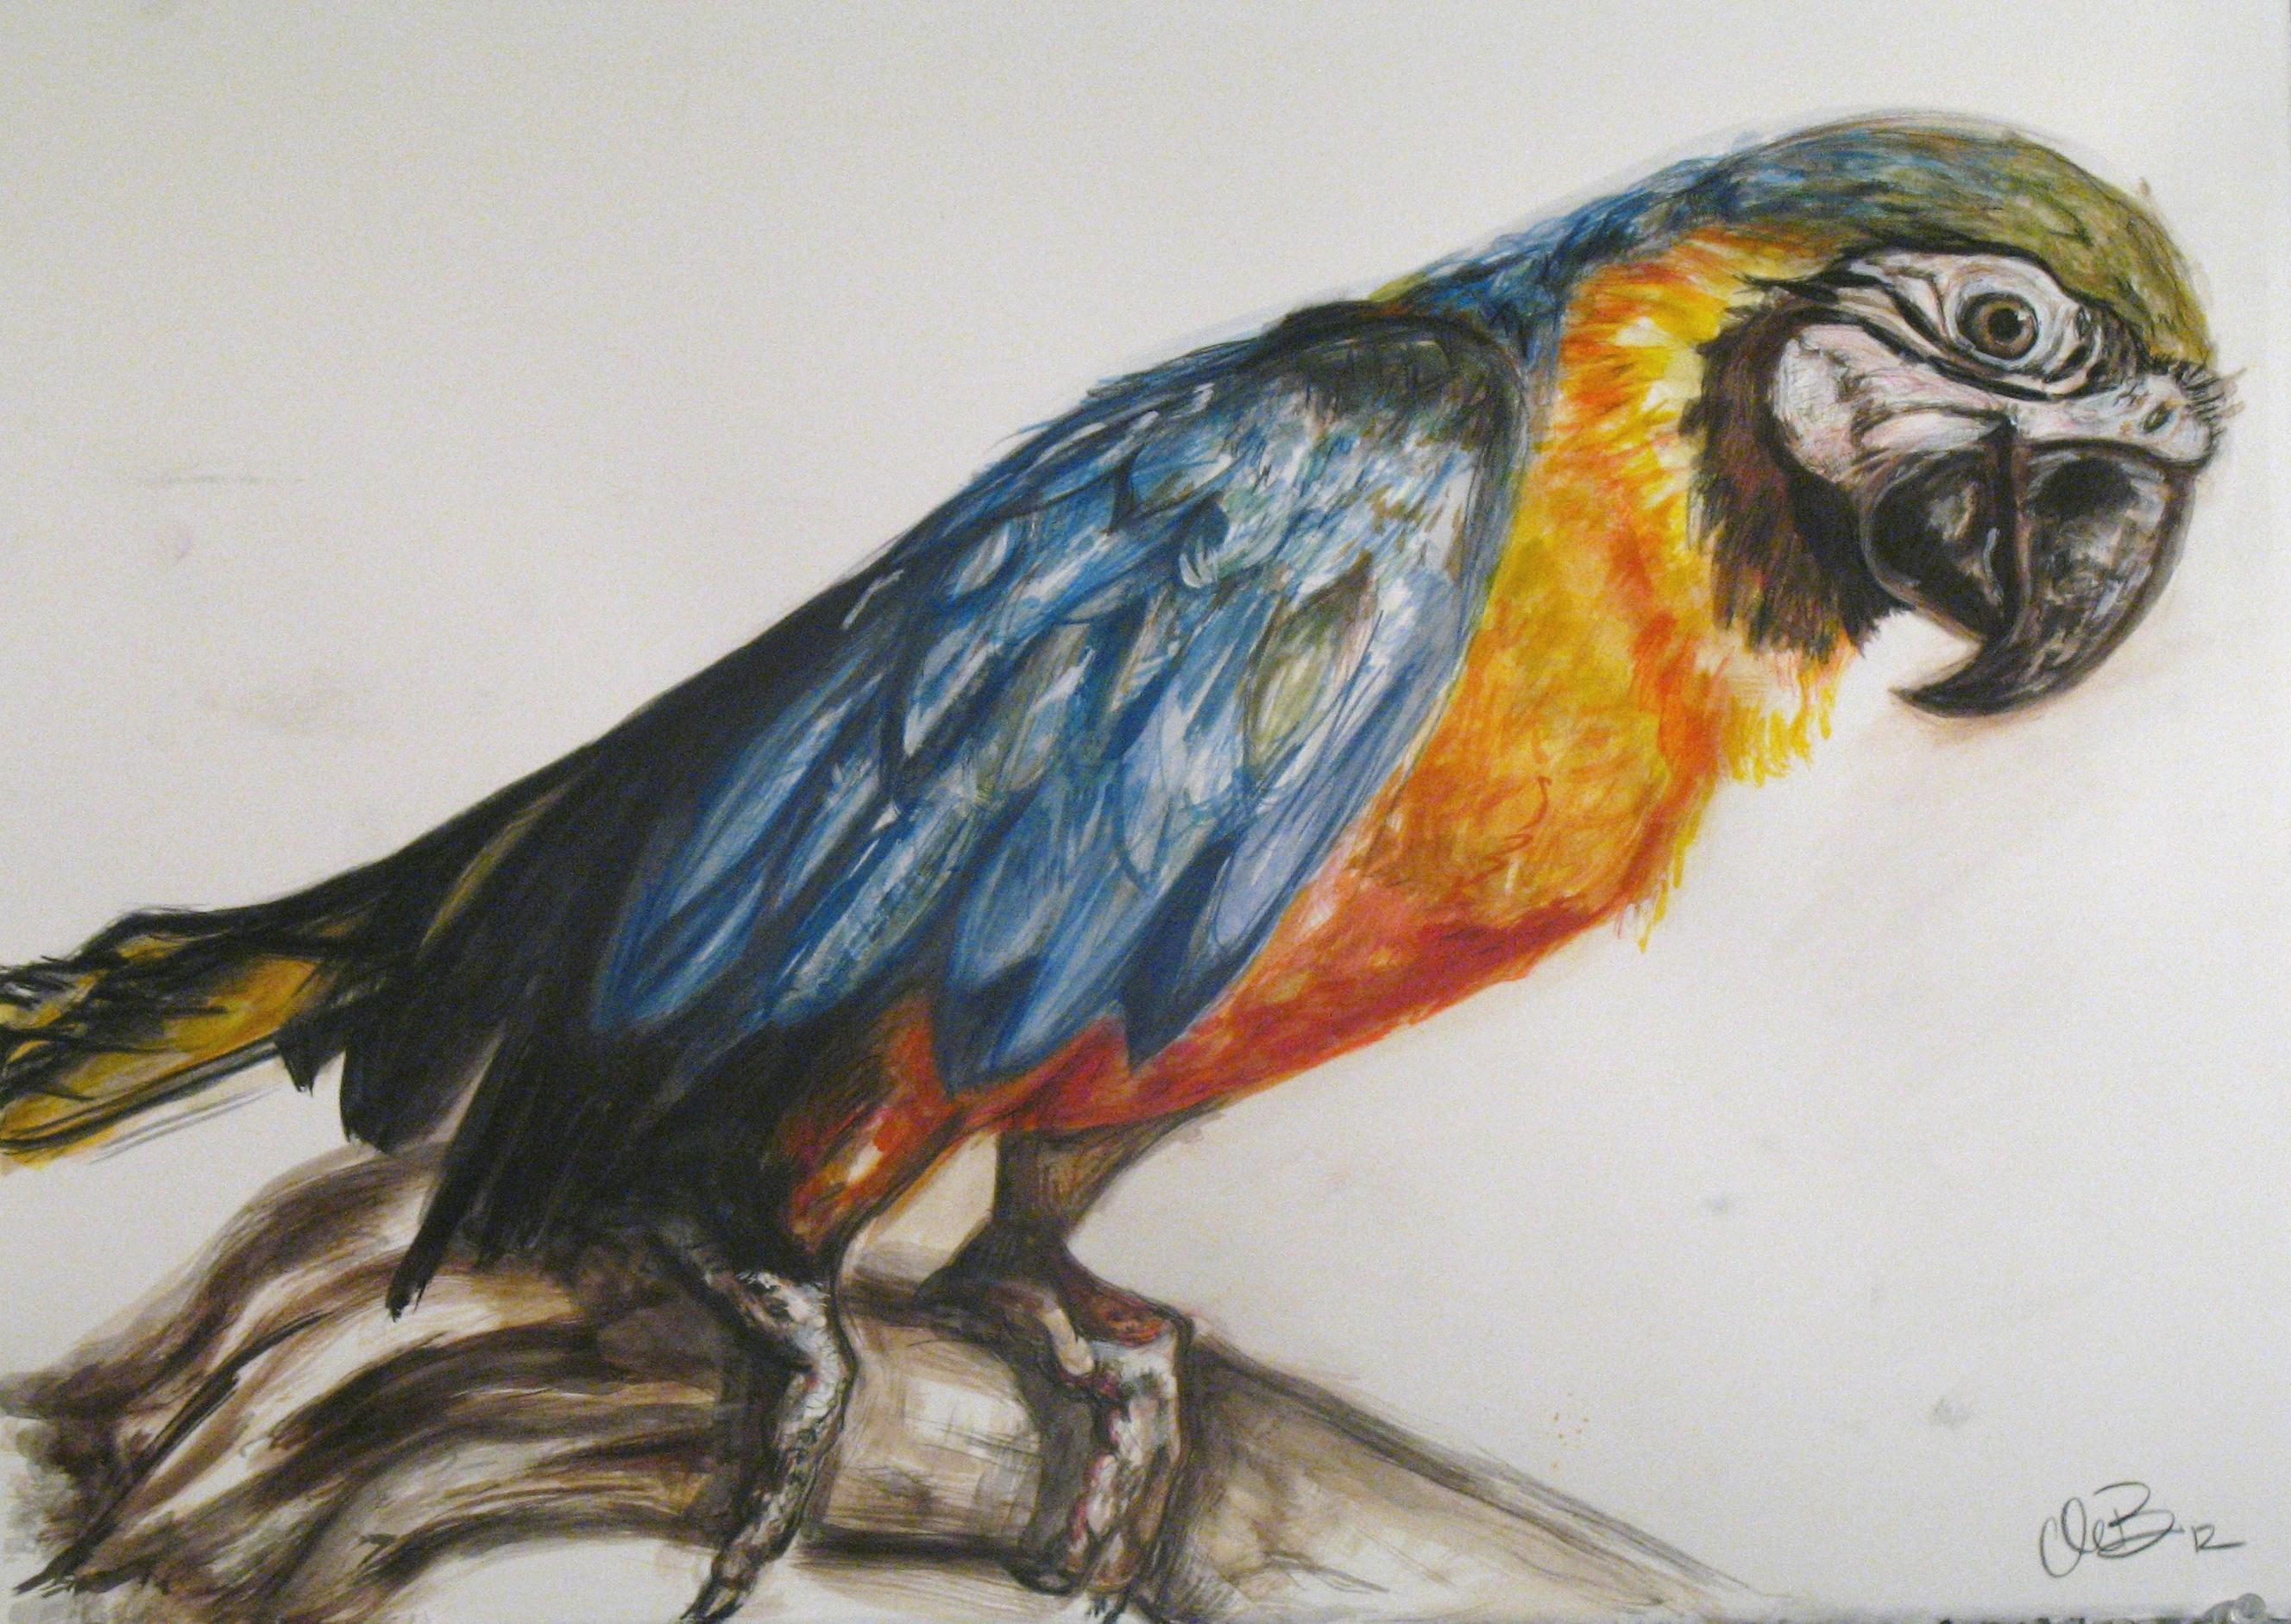 Watercolor of live bird model